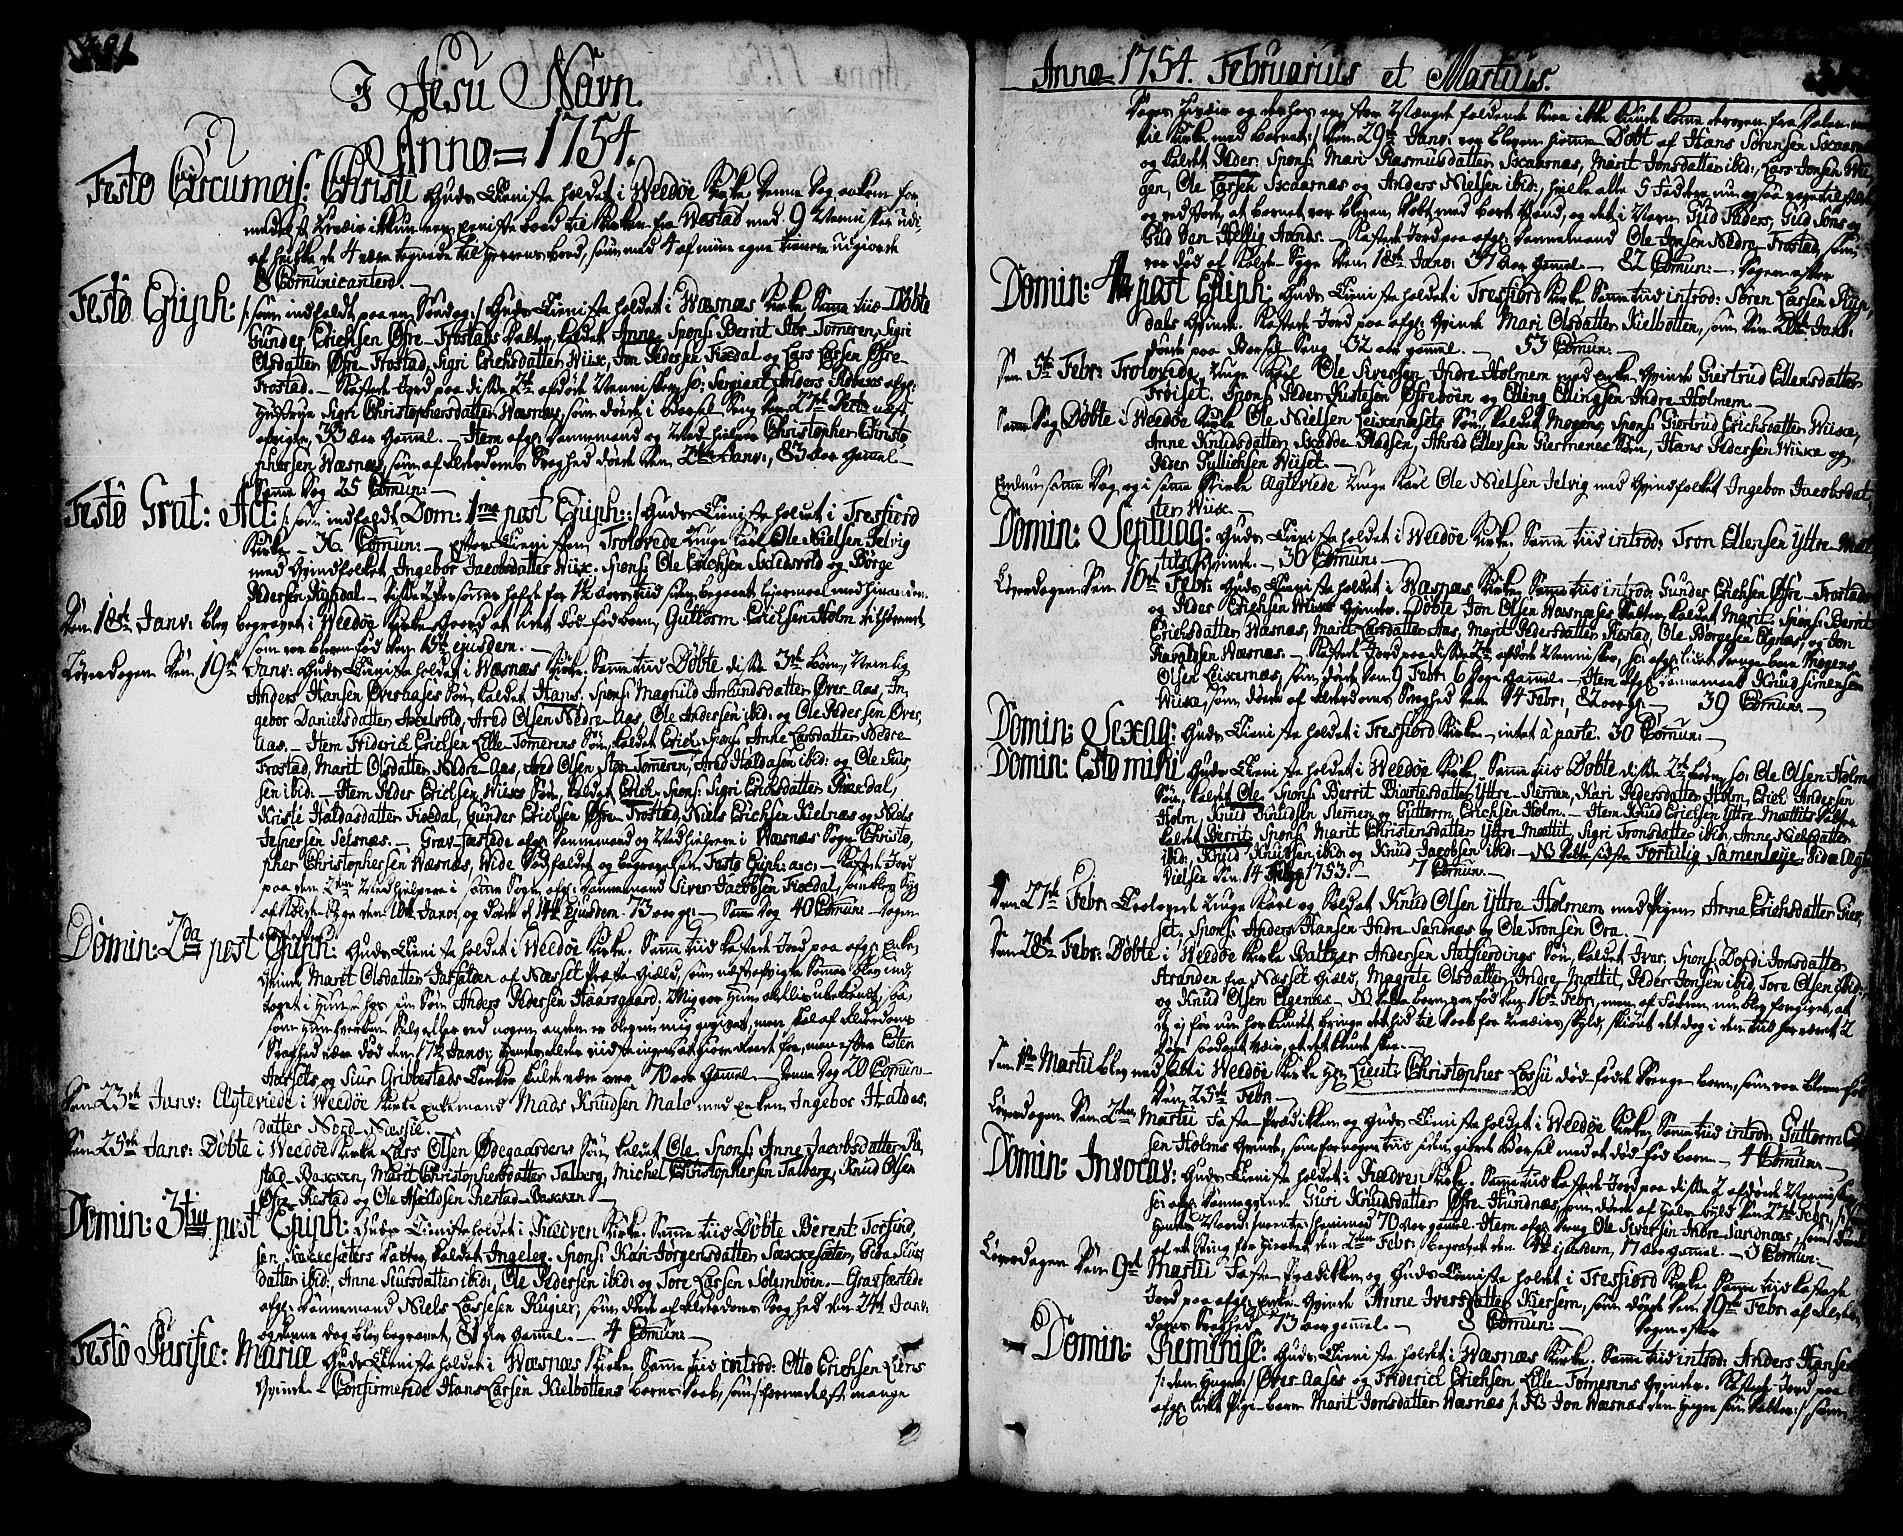 SAT, Ministerialprotokoller, klokkerbøker og fødselsregistre - Møre og Romsdal, 547/L0599: Ministerialbok nr. 547A01, 1721-1764, s. 381-382